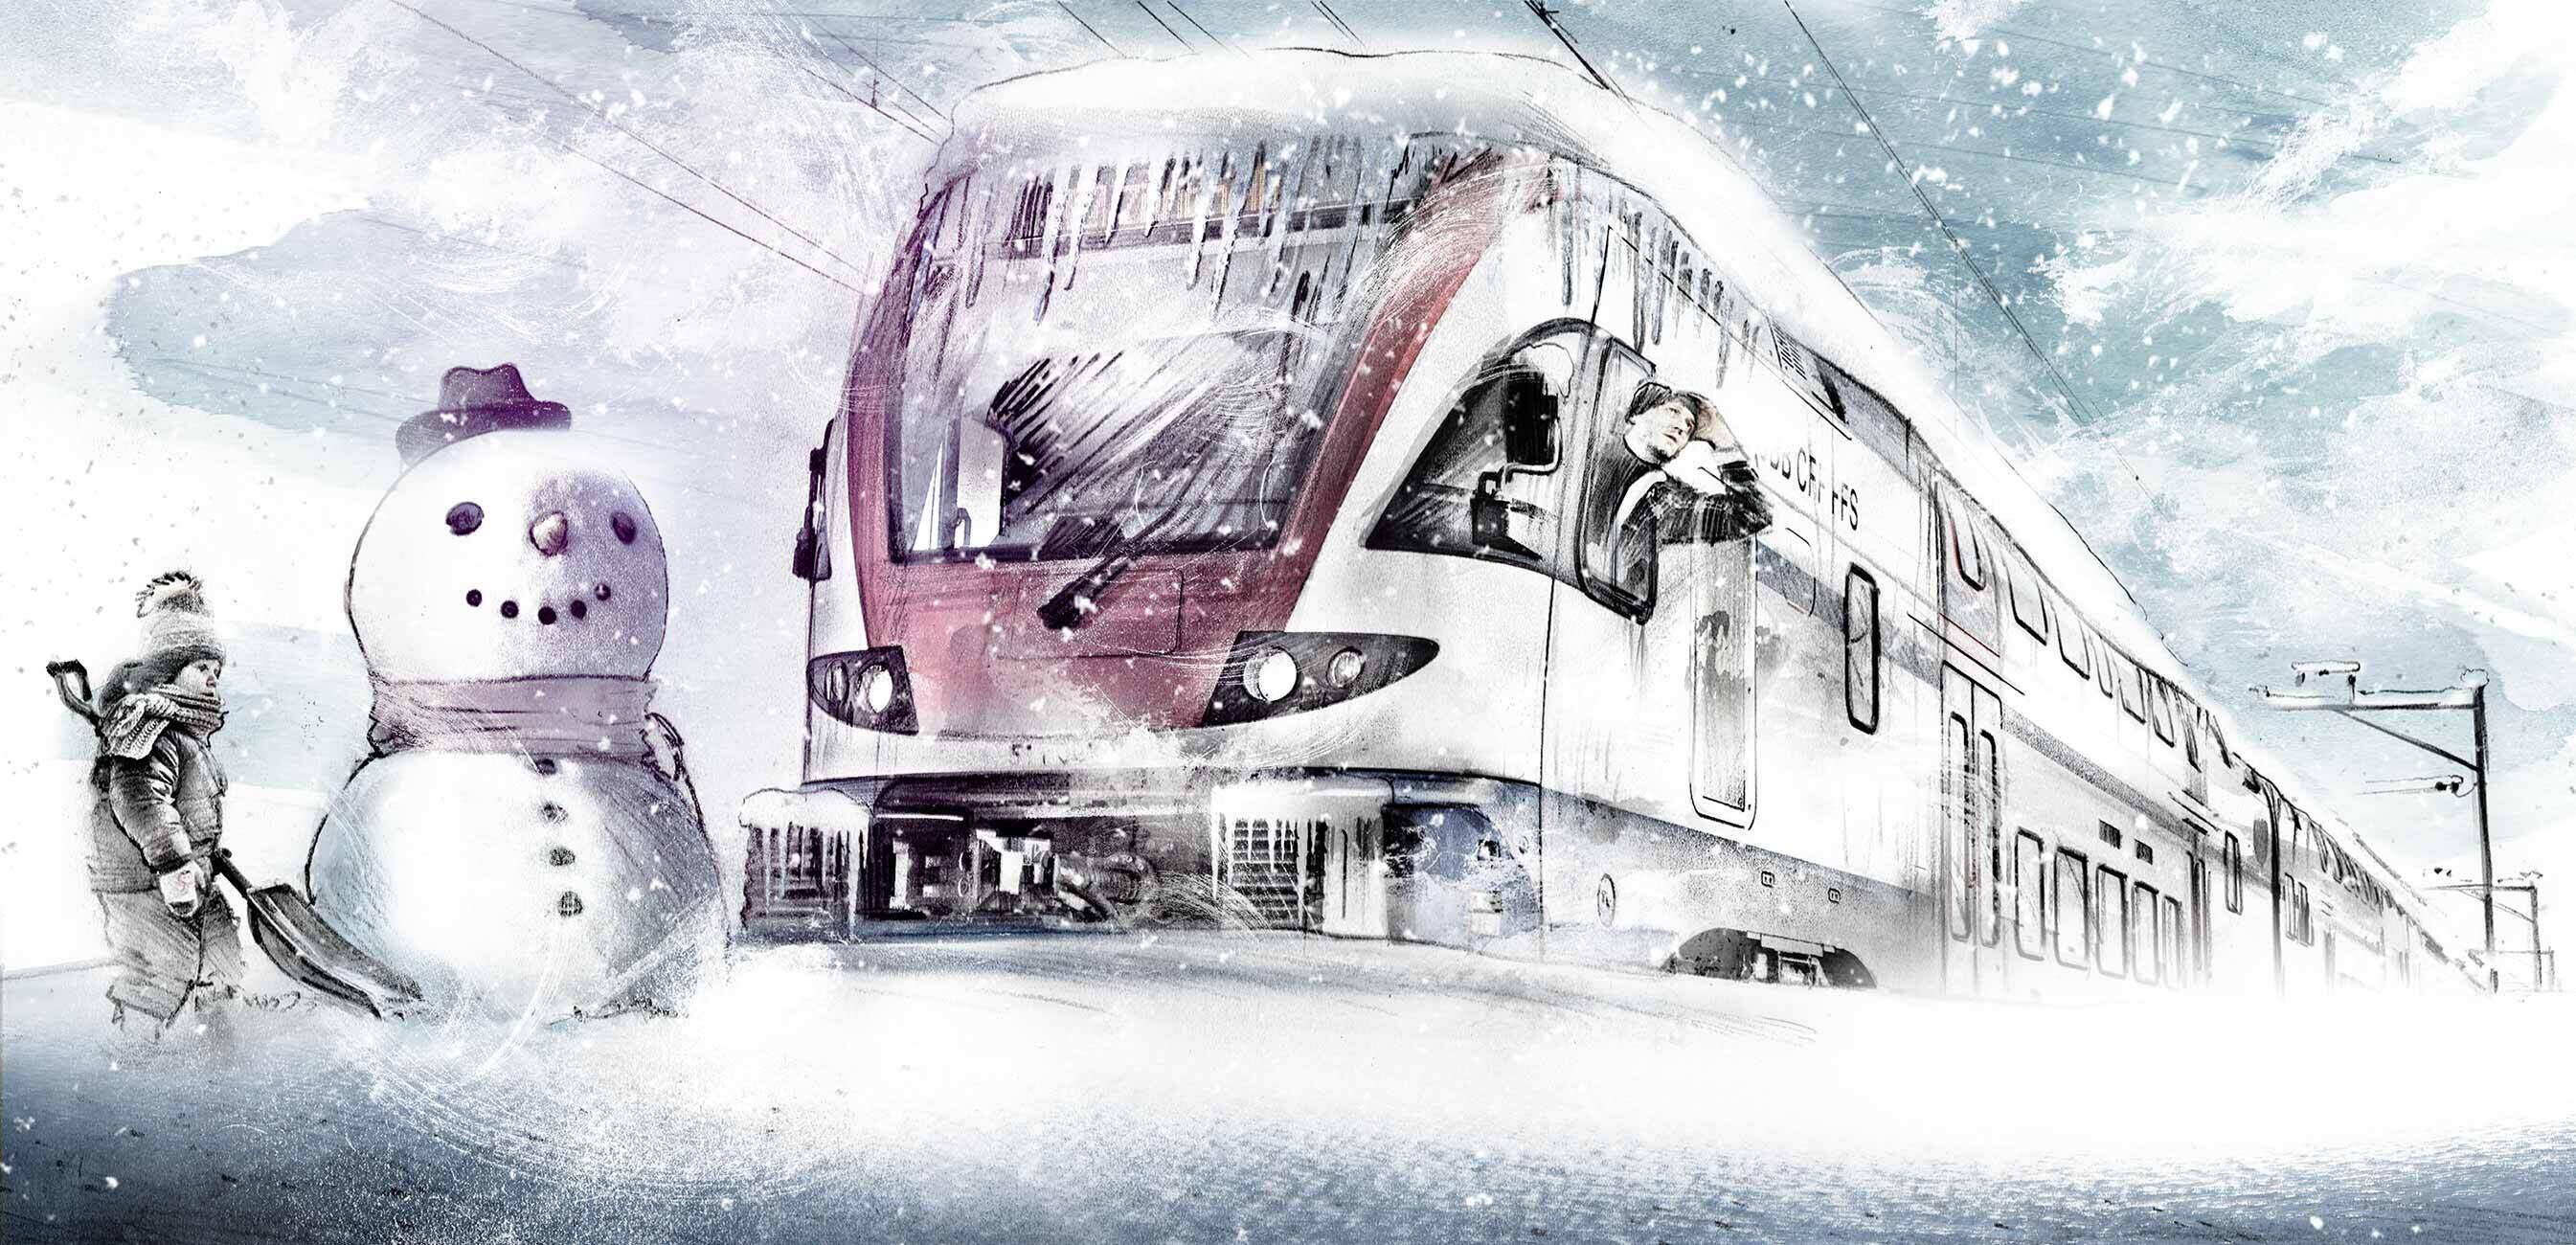 Schnee snow zug verschneit schneemann illustration - Kornel Illustration | Kornel Stadler portfolio